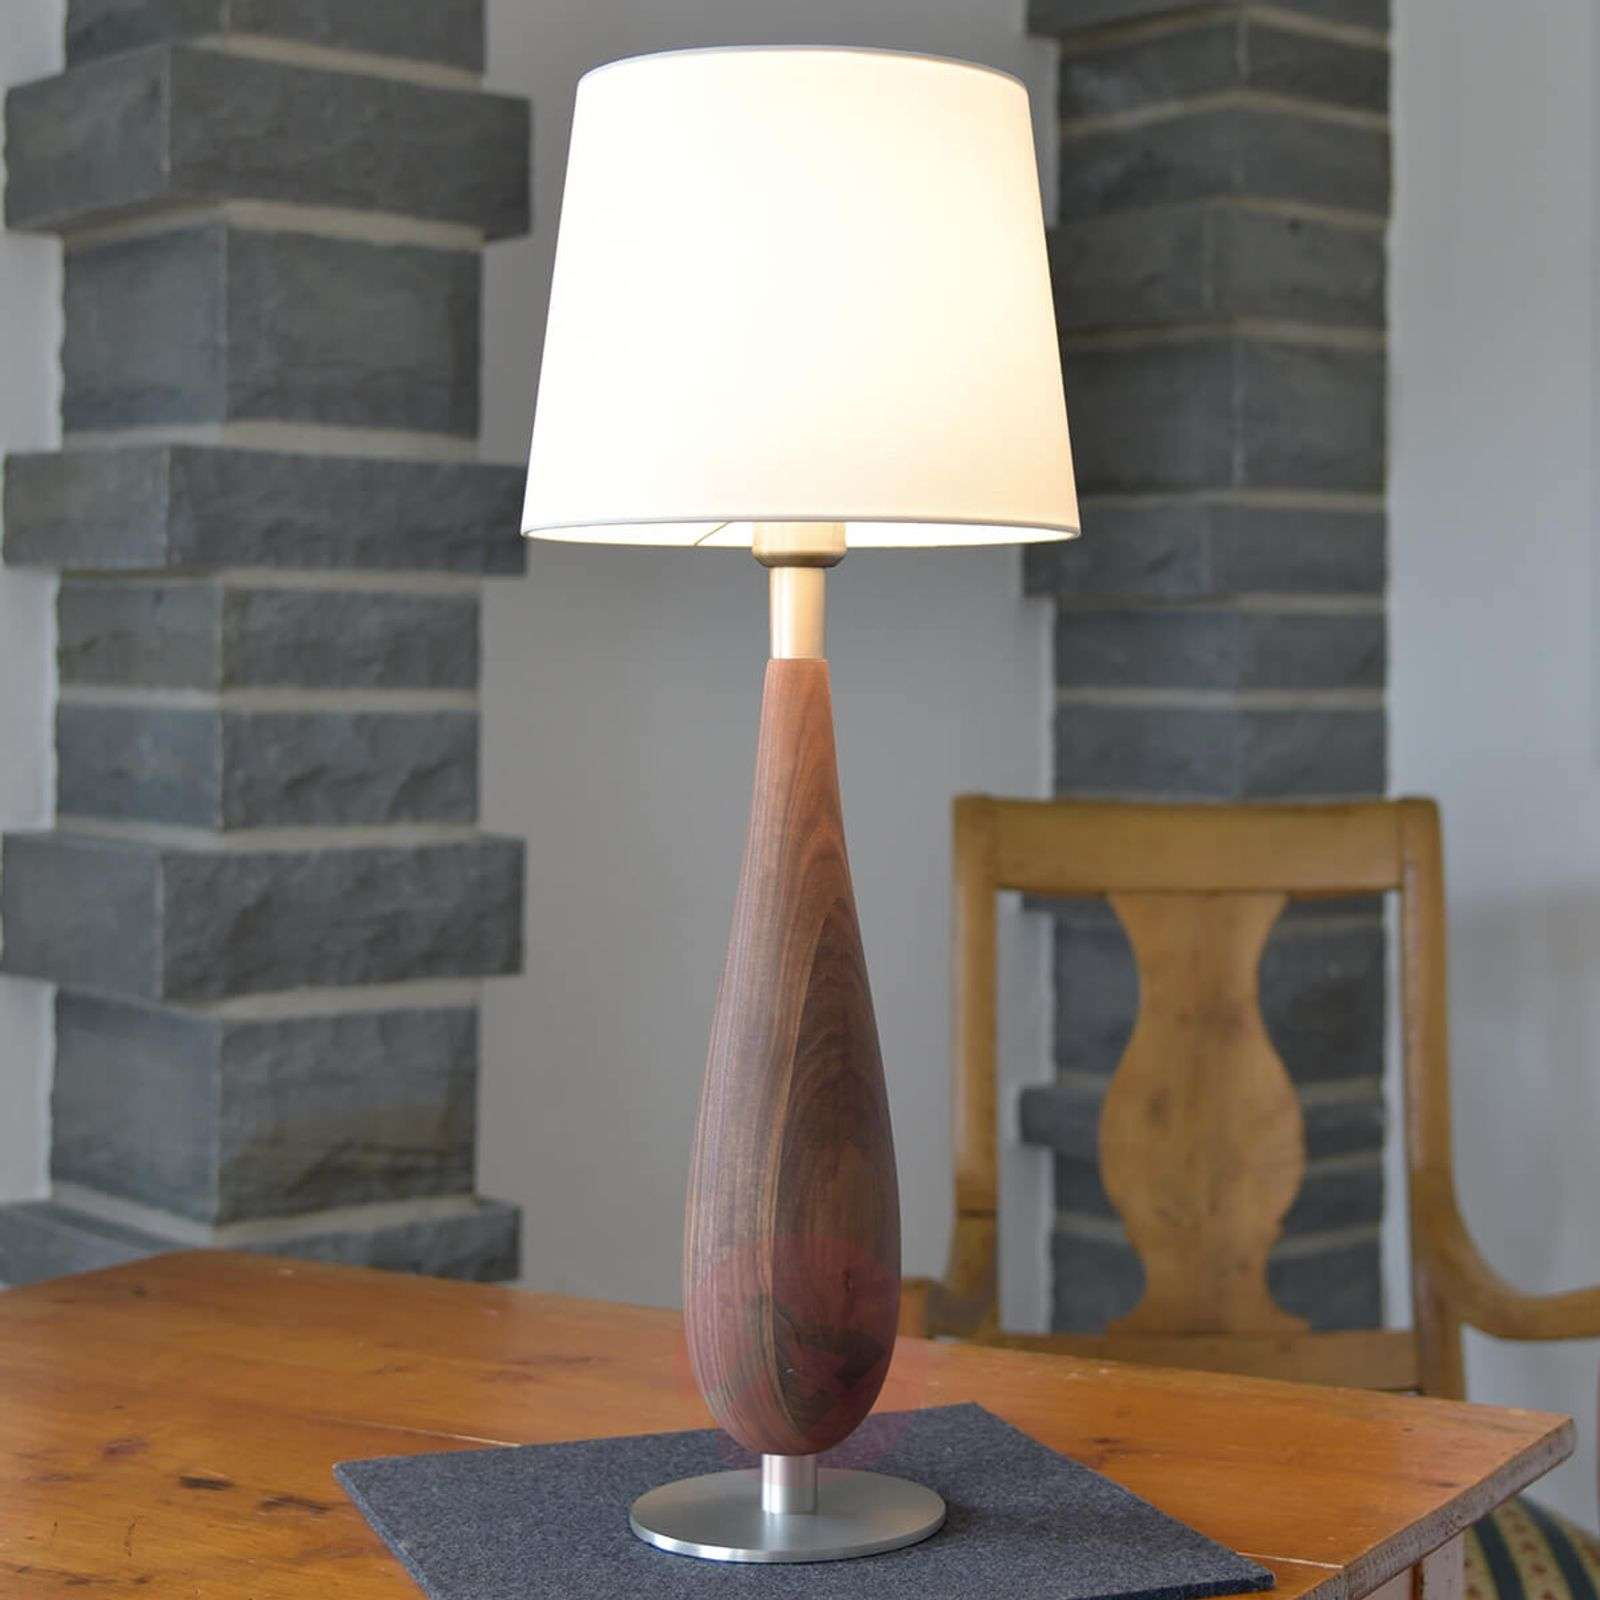 Pöytävalaisin Lara, puinen jalka tekstiilivarj. 61-4543031-01